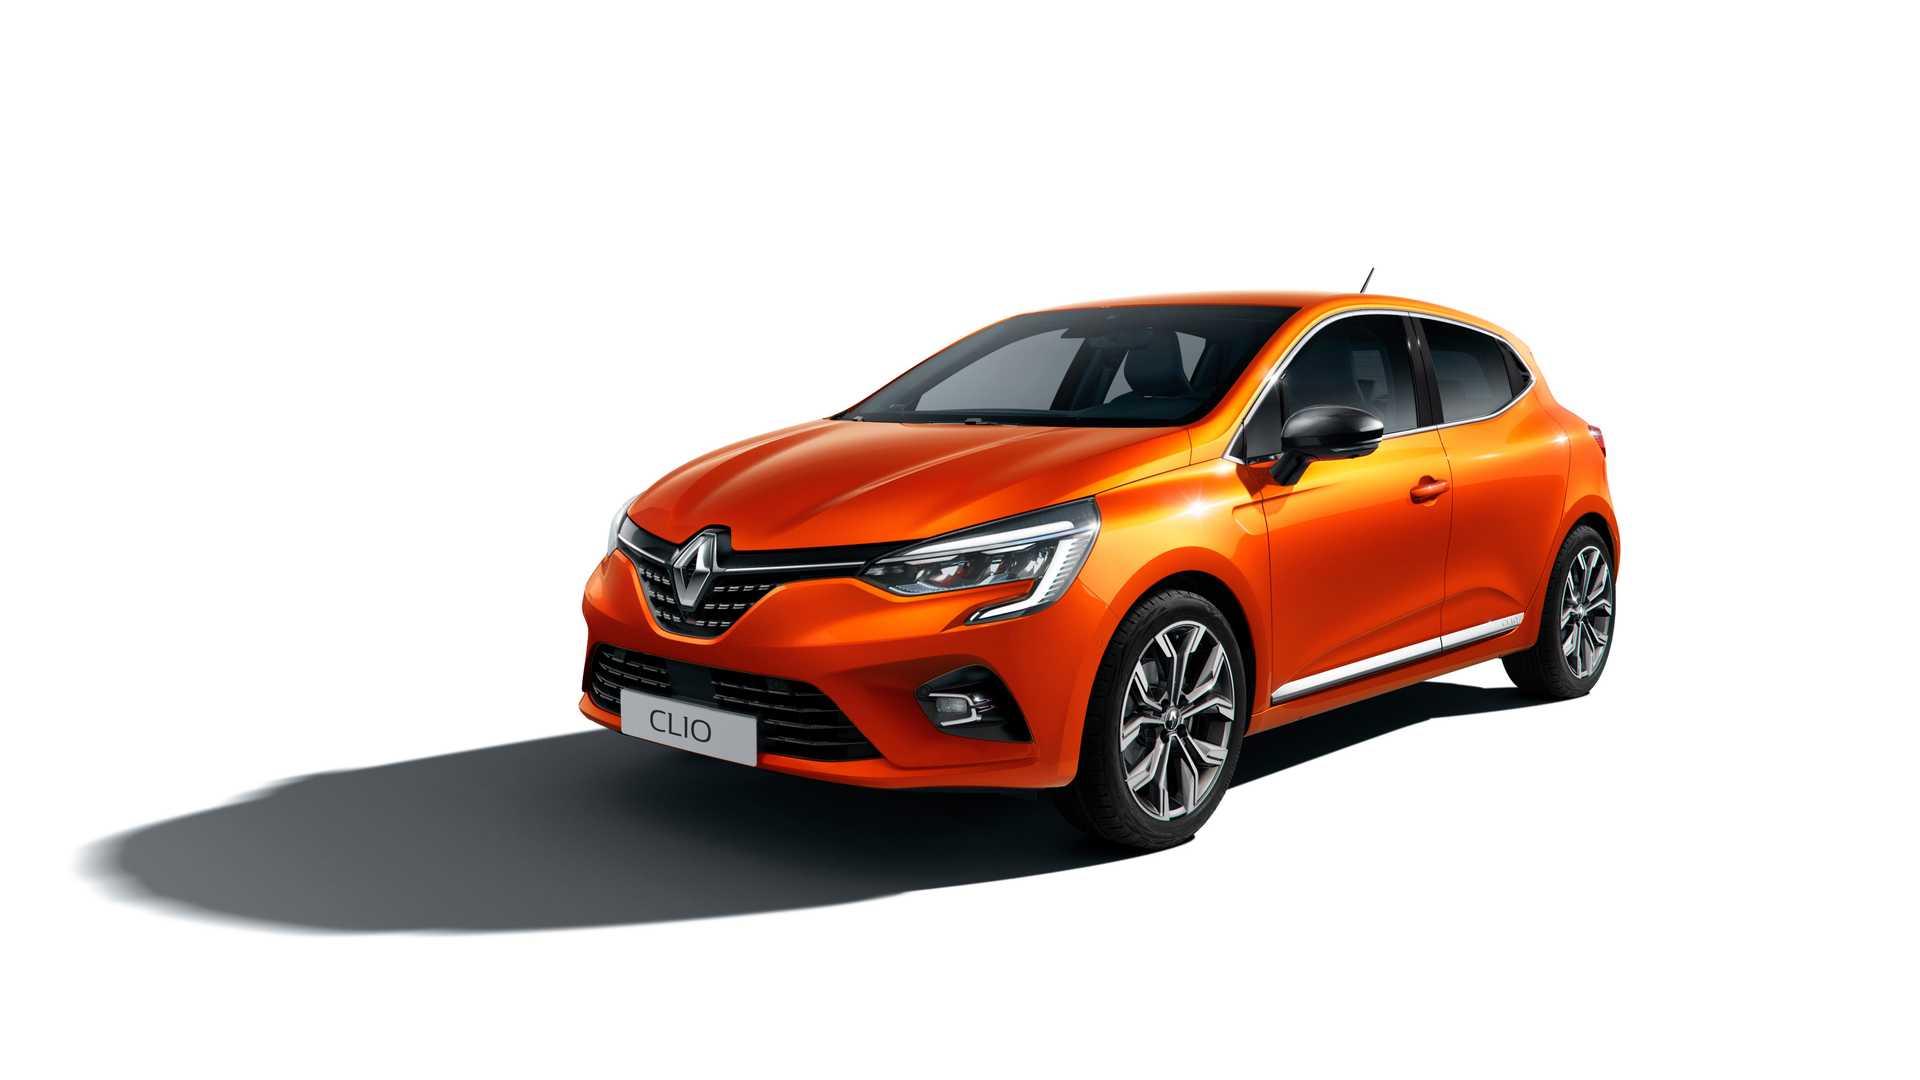 ЗАЗ будет выпускать новую бюджетную модель Renault